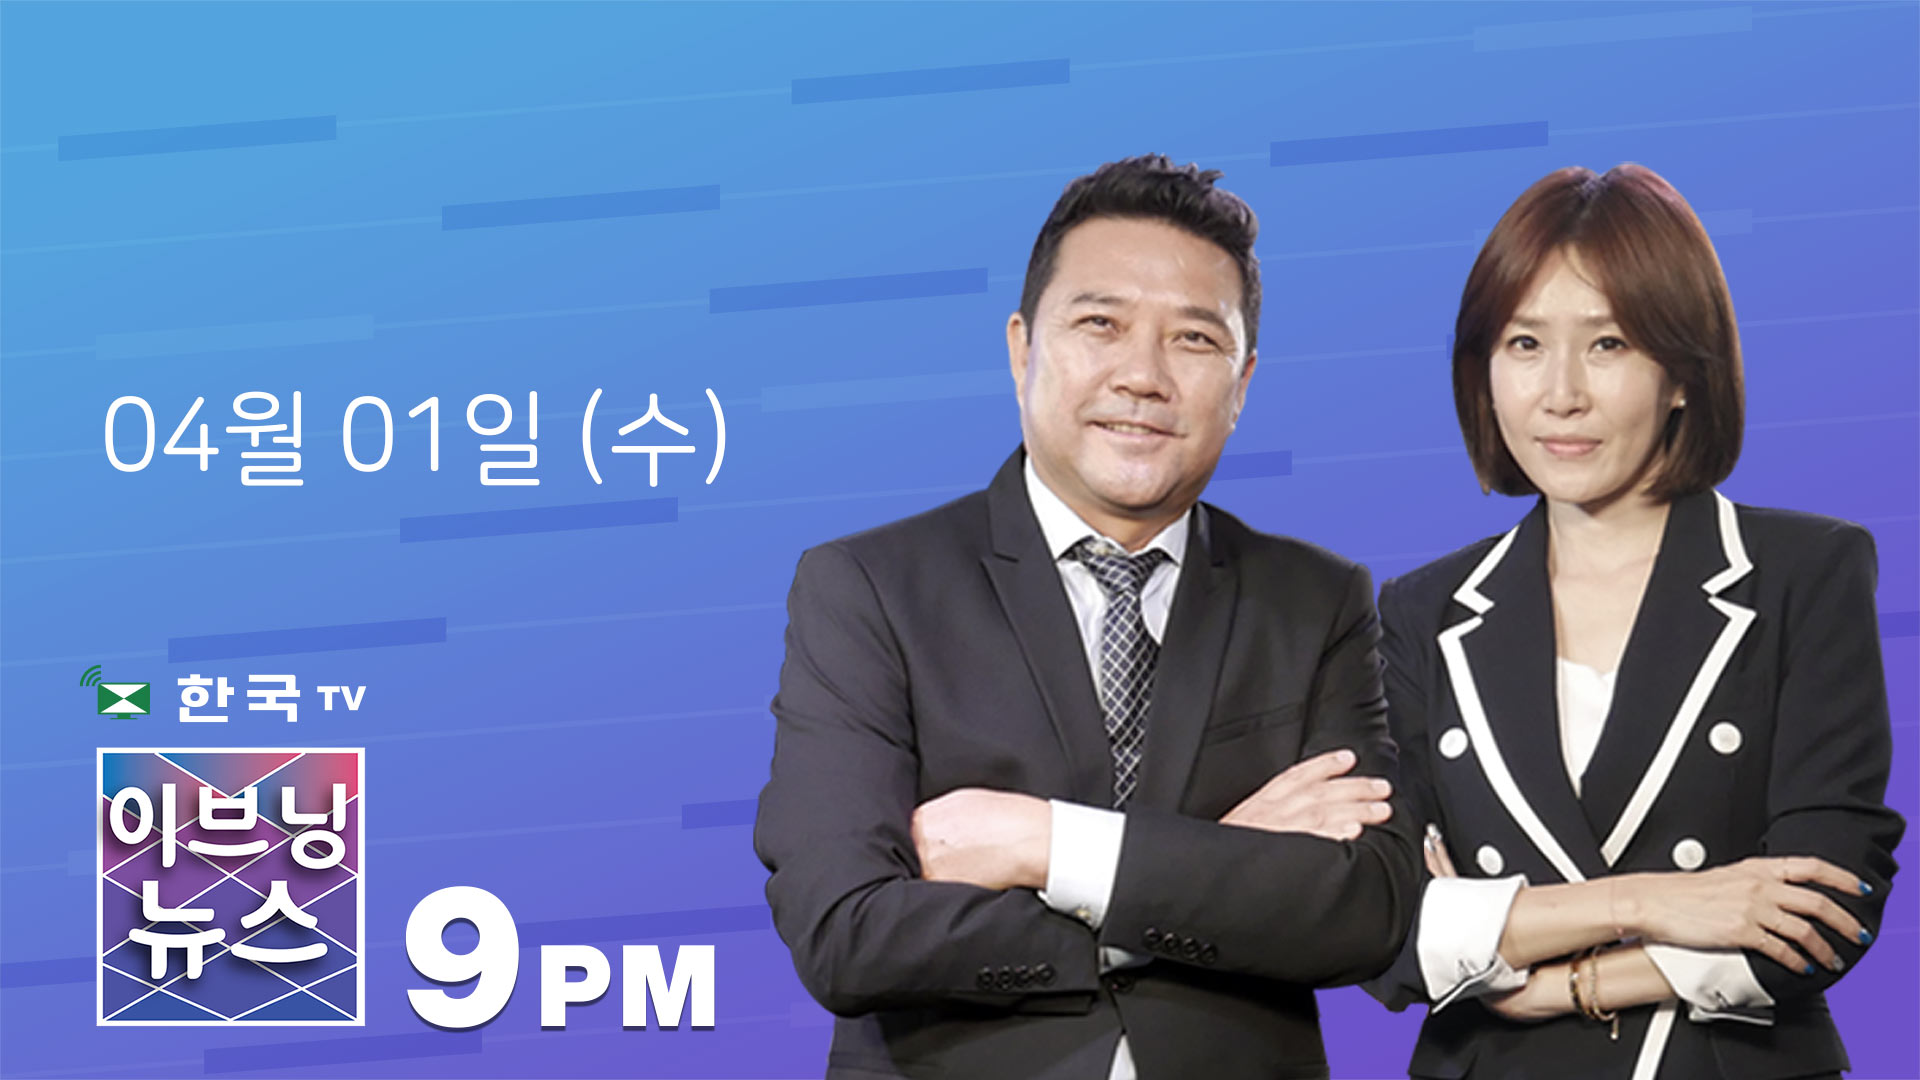 (04.01.2020) 한국TV 이브닝 뉴스